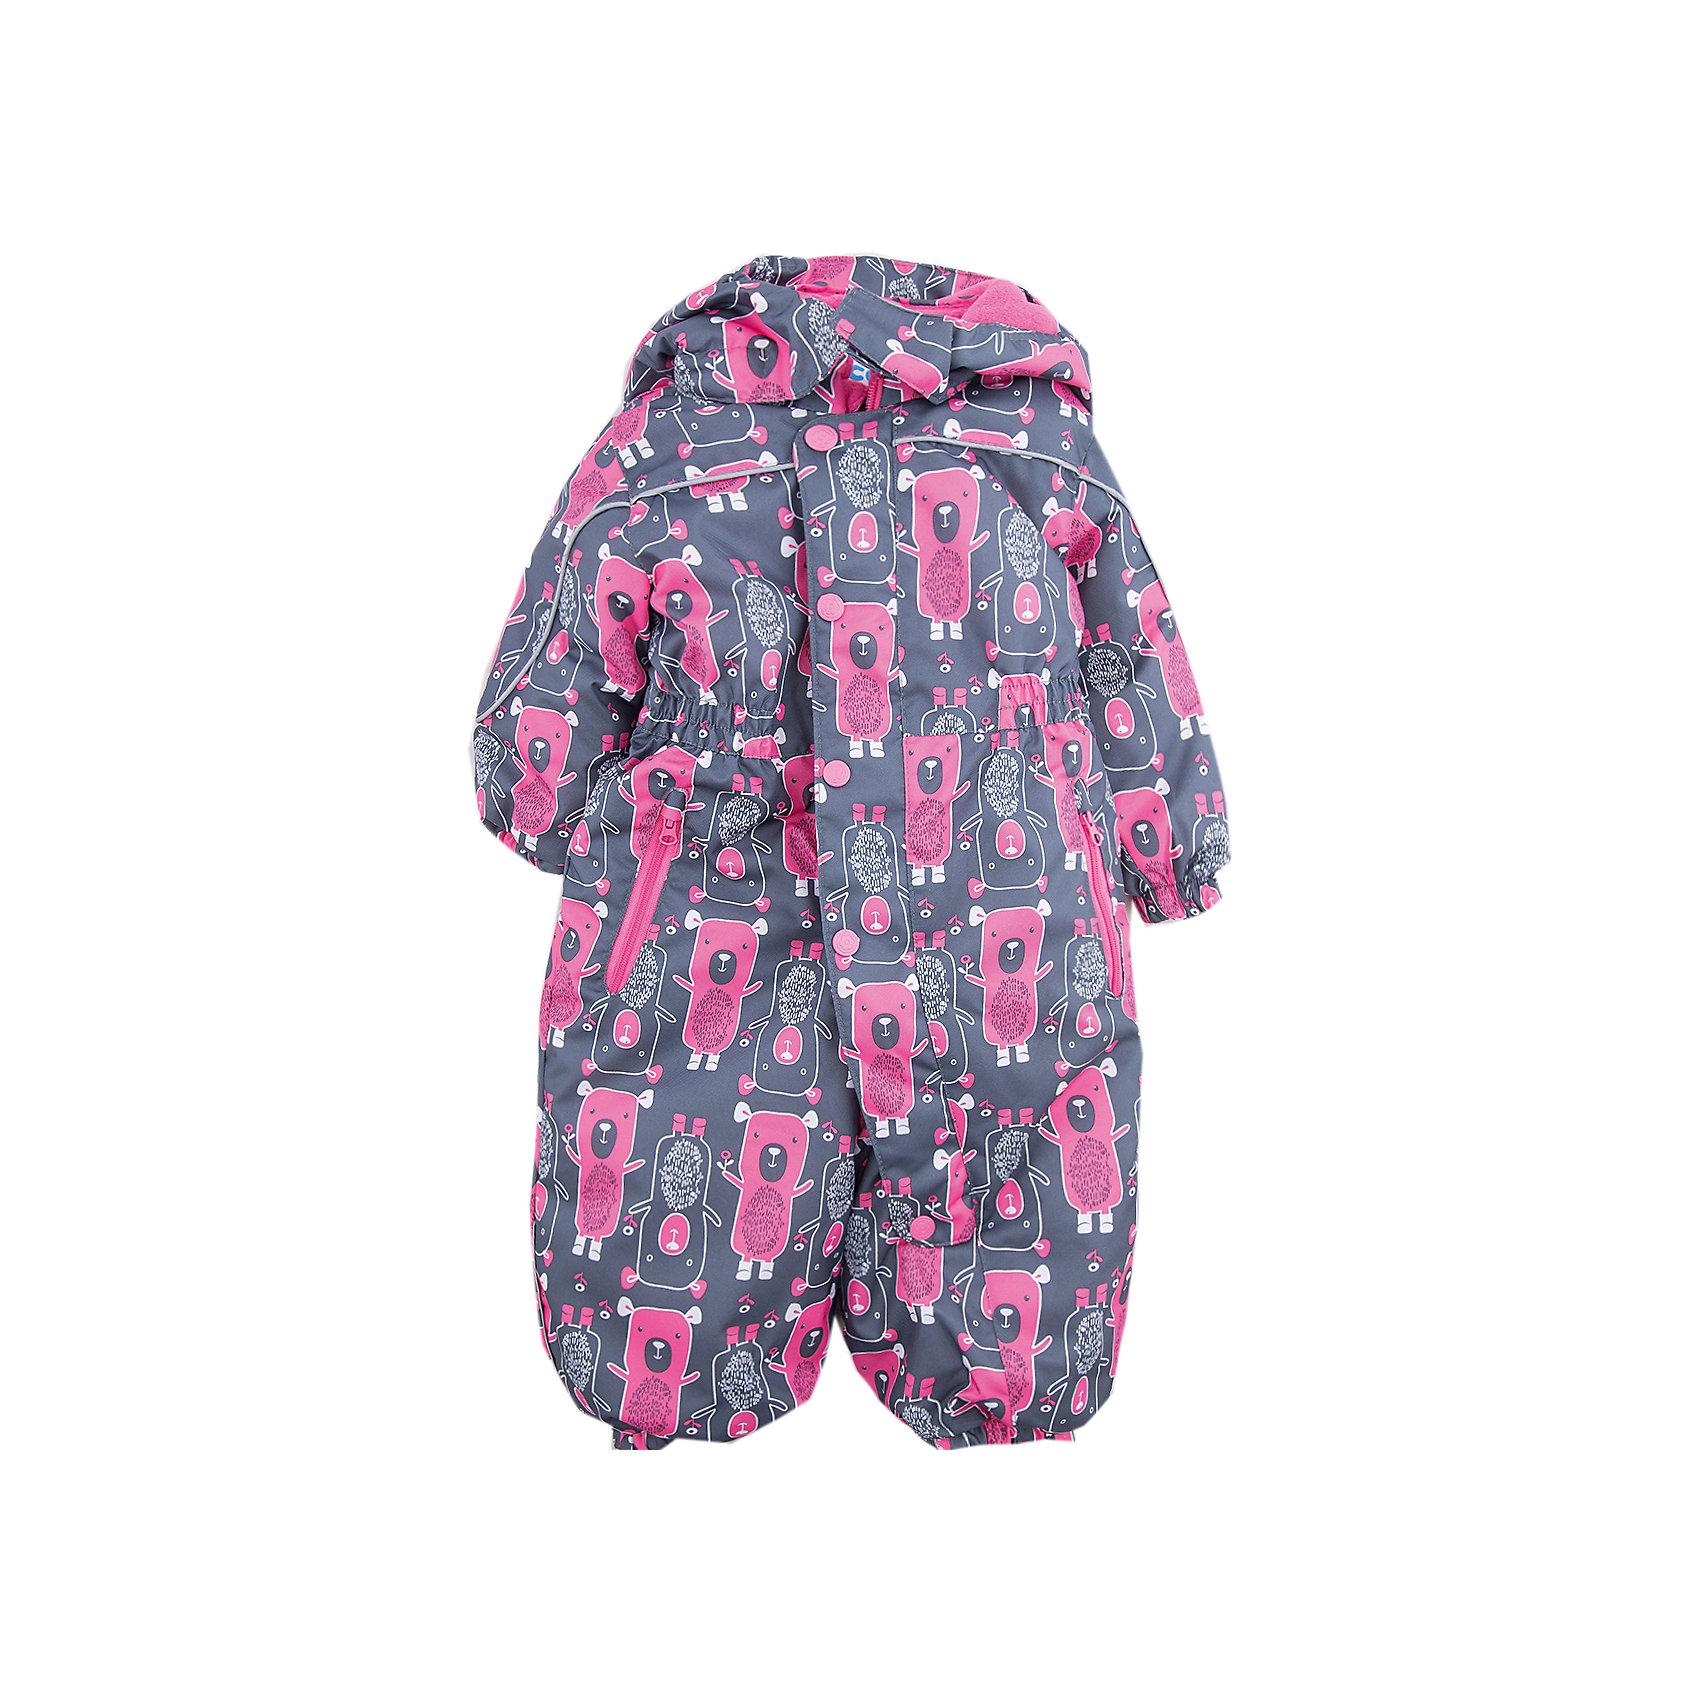 Комбинезон Дерри OLDOS для девочкиВерхняя одежда<br>Характеристики товара:<br><br>• цвет: серый<br>• состав ткани: полиэстер<br>• подкладка: флис, гладкий полиэстер<br>• утеплитель: Hollofan <br>• сезон: зима<br>• мембранное покрытие<br>• температурный режим: от -30 до 0<br>• водонепроницаемость: 2000 мм <br>• паропроницаемость: 2000 г/м2<br>• плотность утеплителя: 300 г/м2<br>• застежка: молния<br>• капюшон: без меха, съемный<br>• силиконовые штрипки<br>• страна бренда: Россия<br>• страна изготовитель: Россия<br><br>Теплый комбинезон дополнен резинкой в талии для лучшей посадки. Такой комбинезон для девочки отлично защищает ребенка от попадания снега внутрь. Детский зимний комбинезон создан с применением мембранной технологии, поэтому рассчитан и на очень холодную погоду. <br><br>Комбинезон Дерри Oldos (Олдос) для девочки можно купить в нашем интернет-магазине.<br><br>Ширина мм: 356<br>Глубина мм: 10<br>Высота мм: 245<br>Вес г: 519<br>Цвет: серый<br>Возраст от месяцев: 18<br>Возраст до месяцев: 24<br>Пол: Женский<br>Возраст: Детский<br>Размер: 92,80,86<br>SKU: 7016292